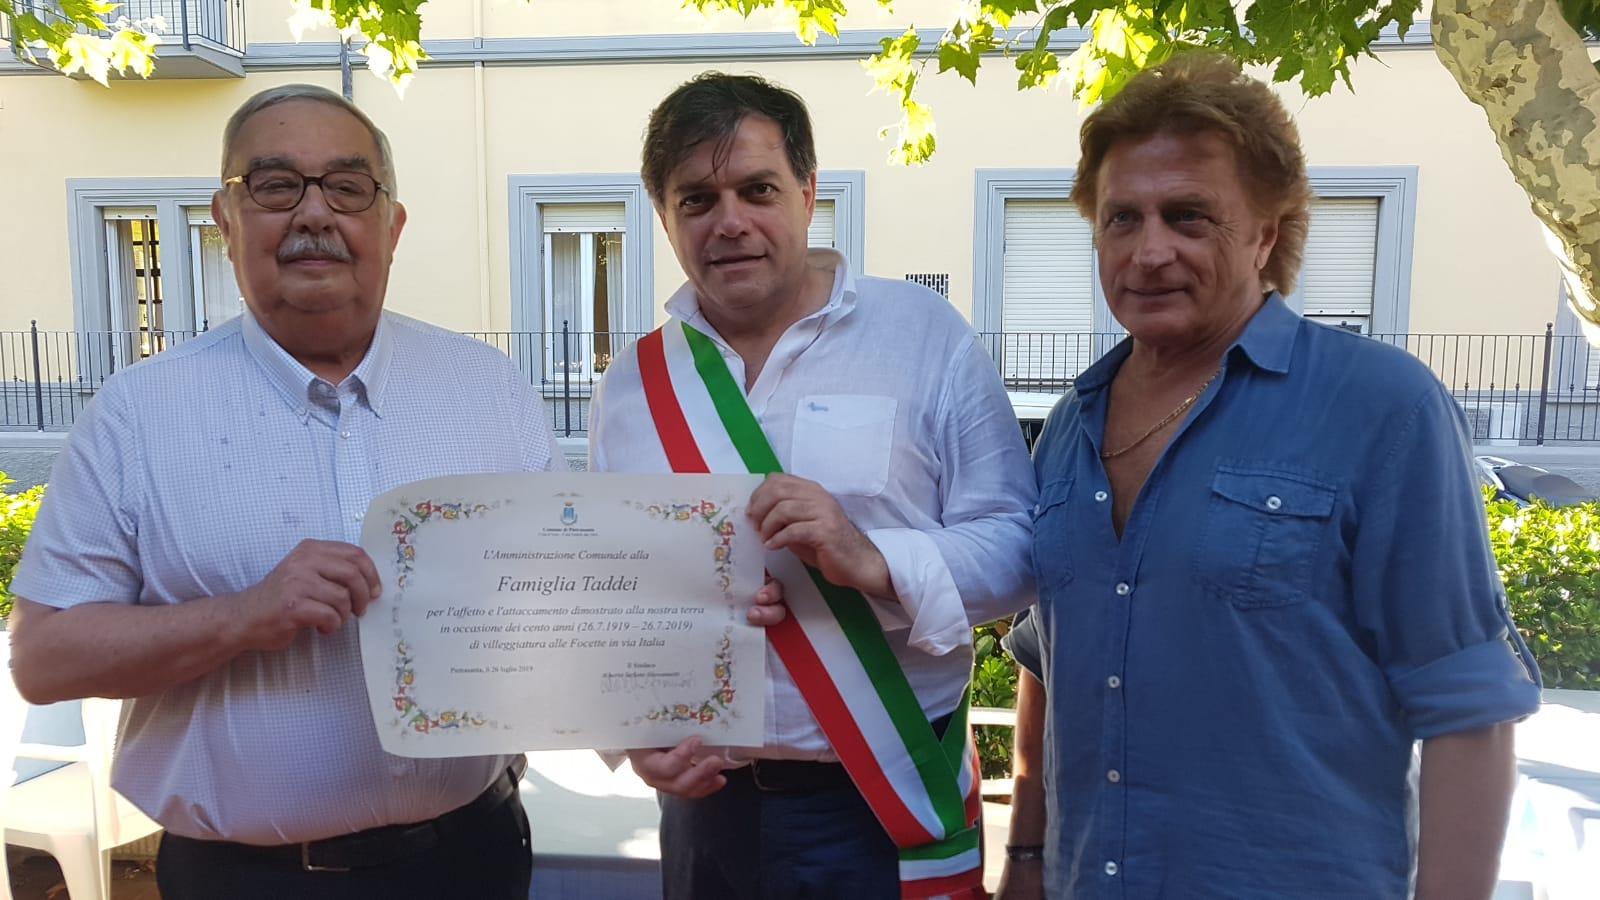 Da 100 anni e 5 generazione in vacanza a Focette, la famiglia Taddei premiata dal Sindaco